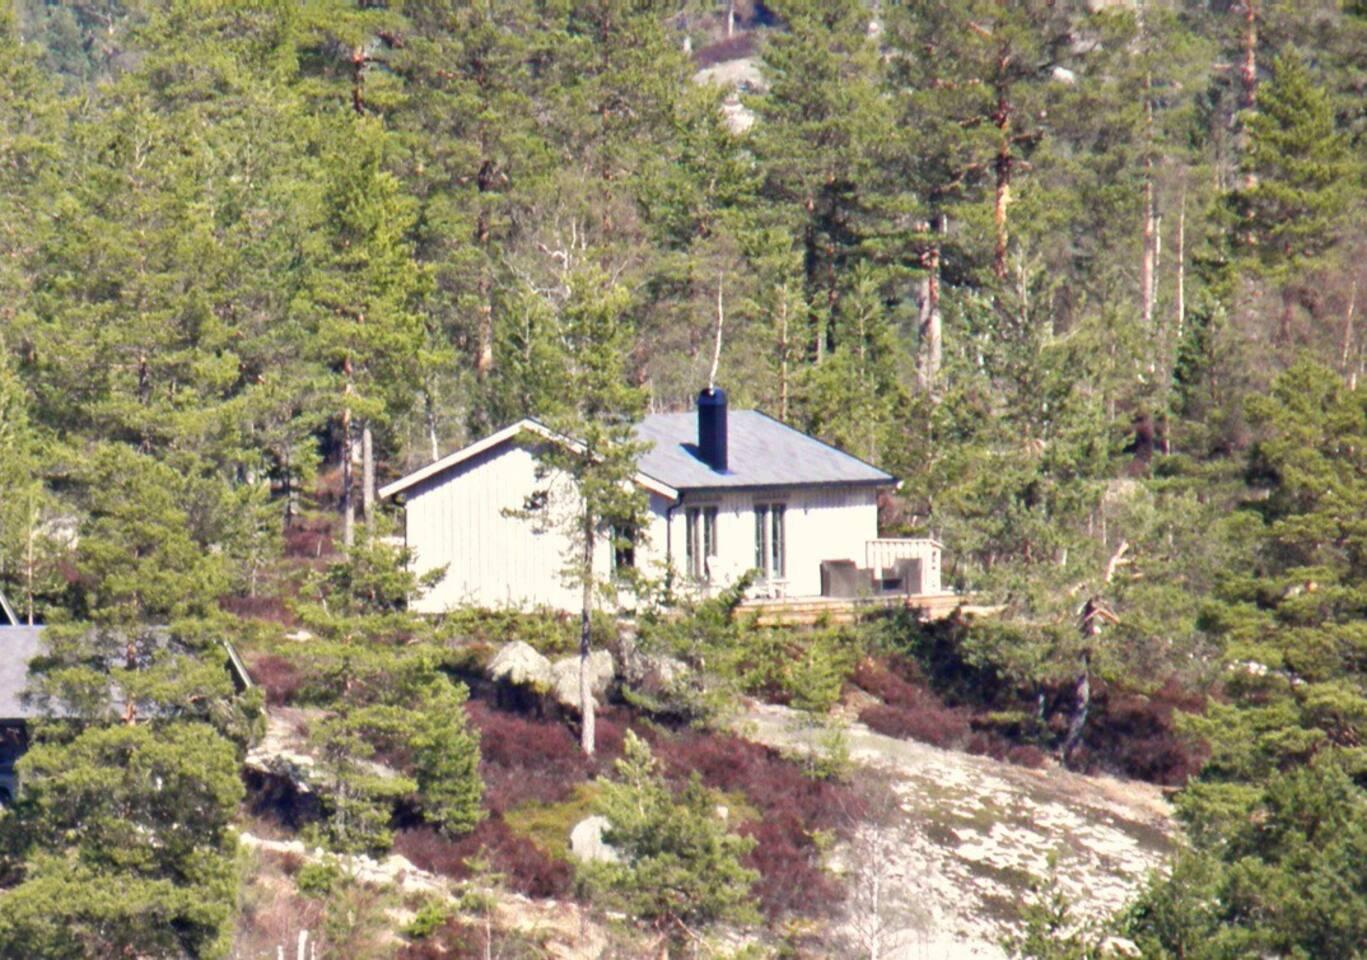 Hüttchen in der Telemark, NO - Hütten zur Miete in Felle, Telemark ...